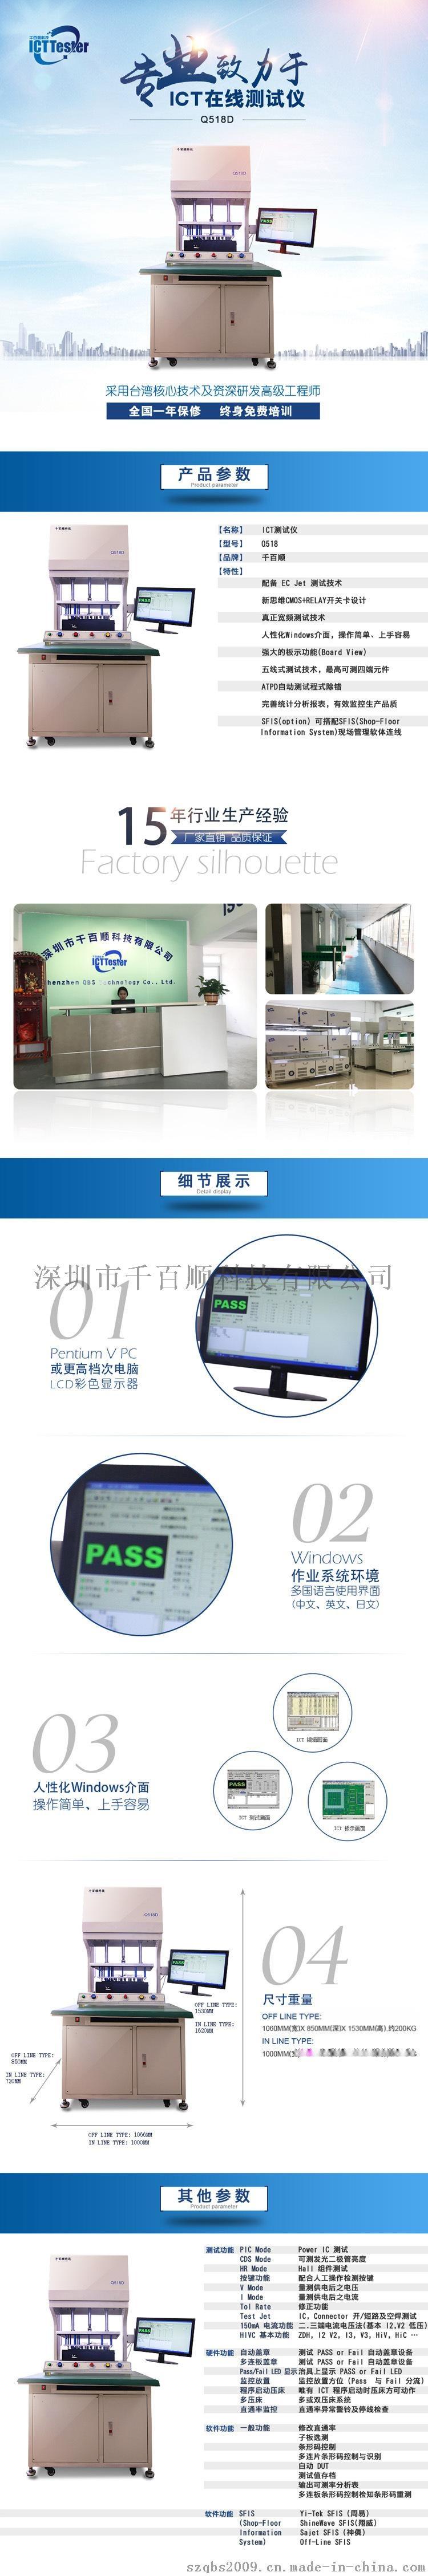 ict在线测试仪 (3).jpg